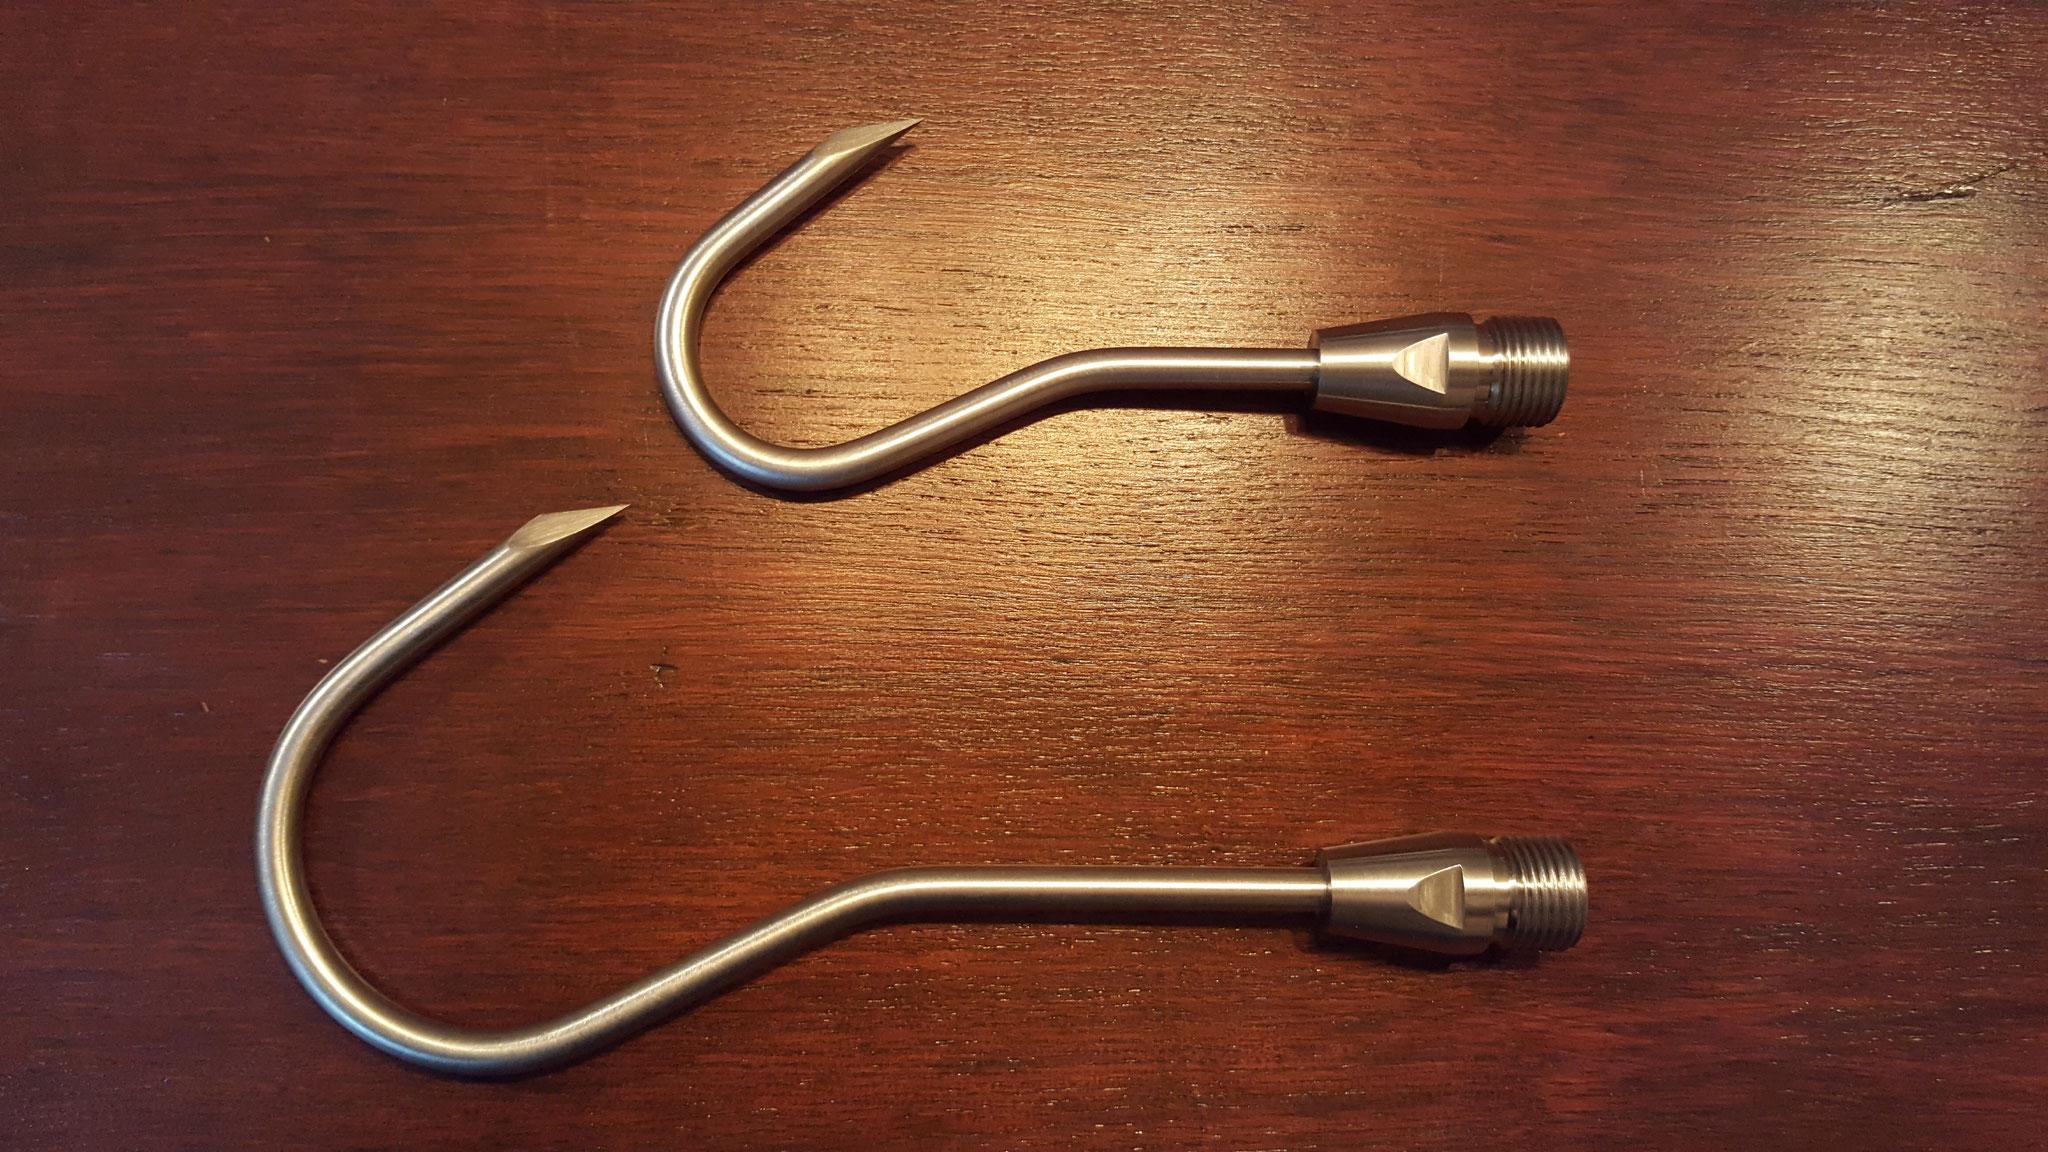 Adapter-Gaffhaken für Basishandteil